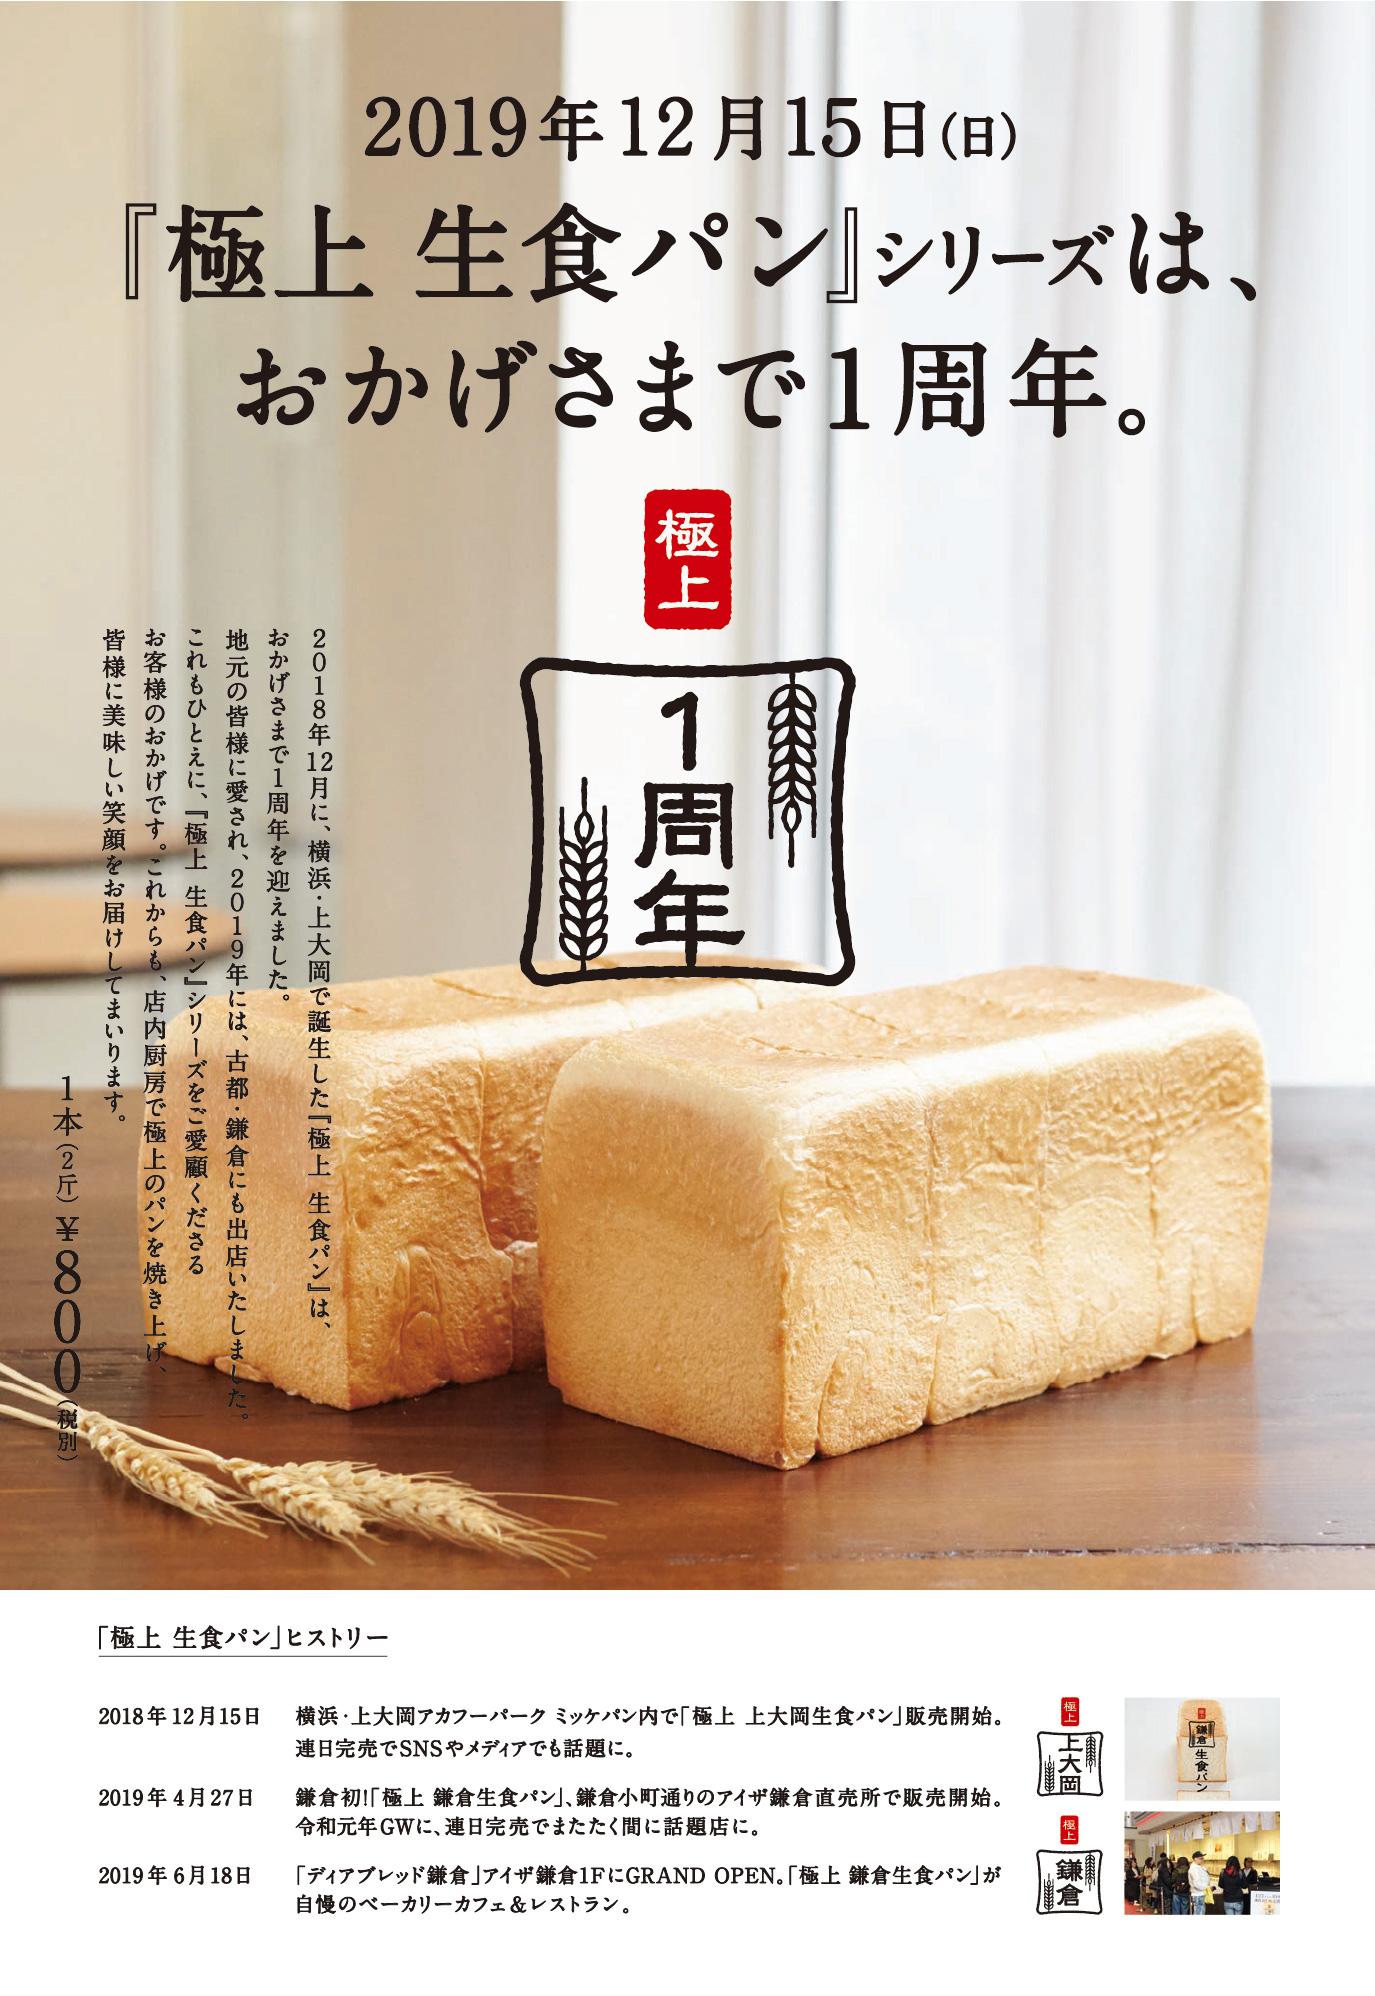 極上生食パン